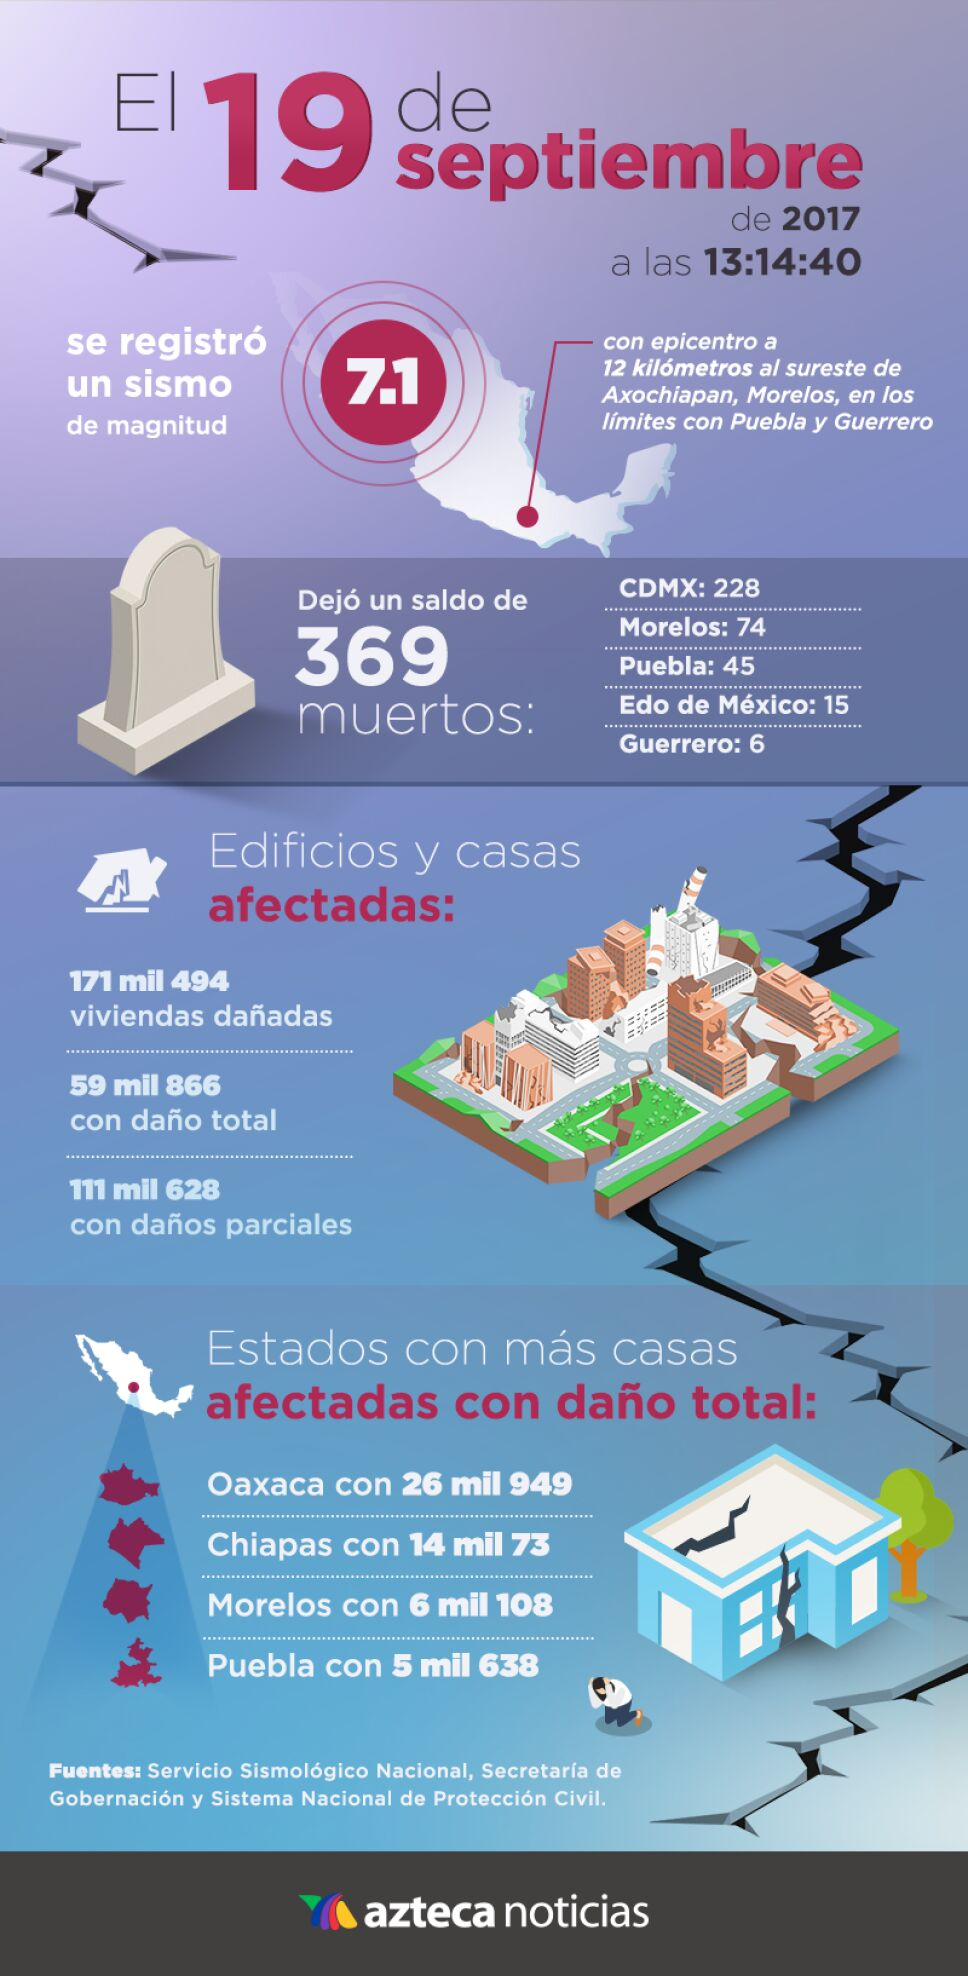 Infografía del sismo del 19 de septiembre